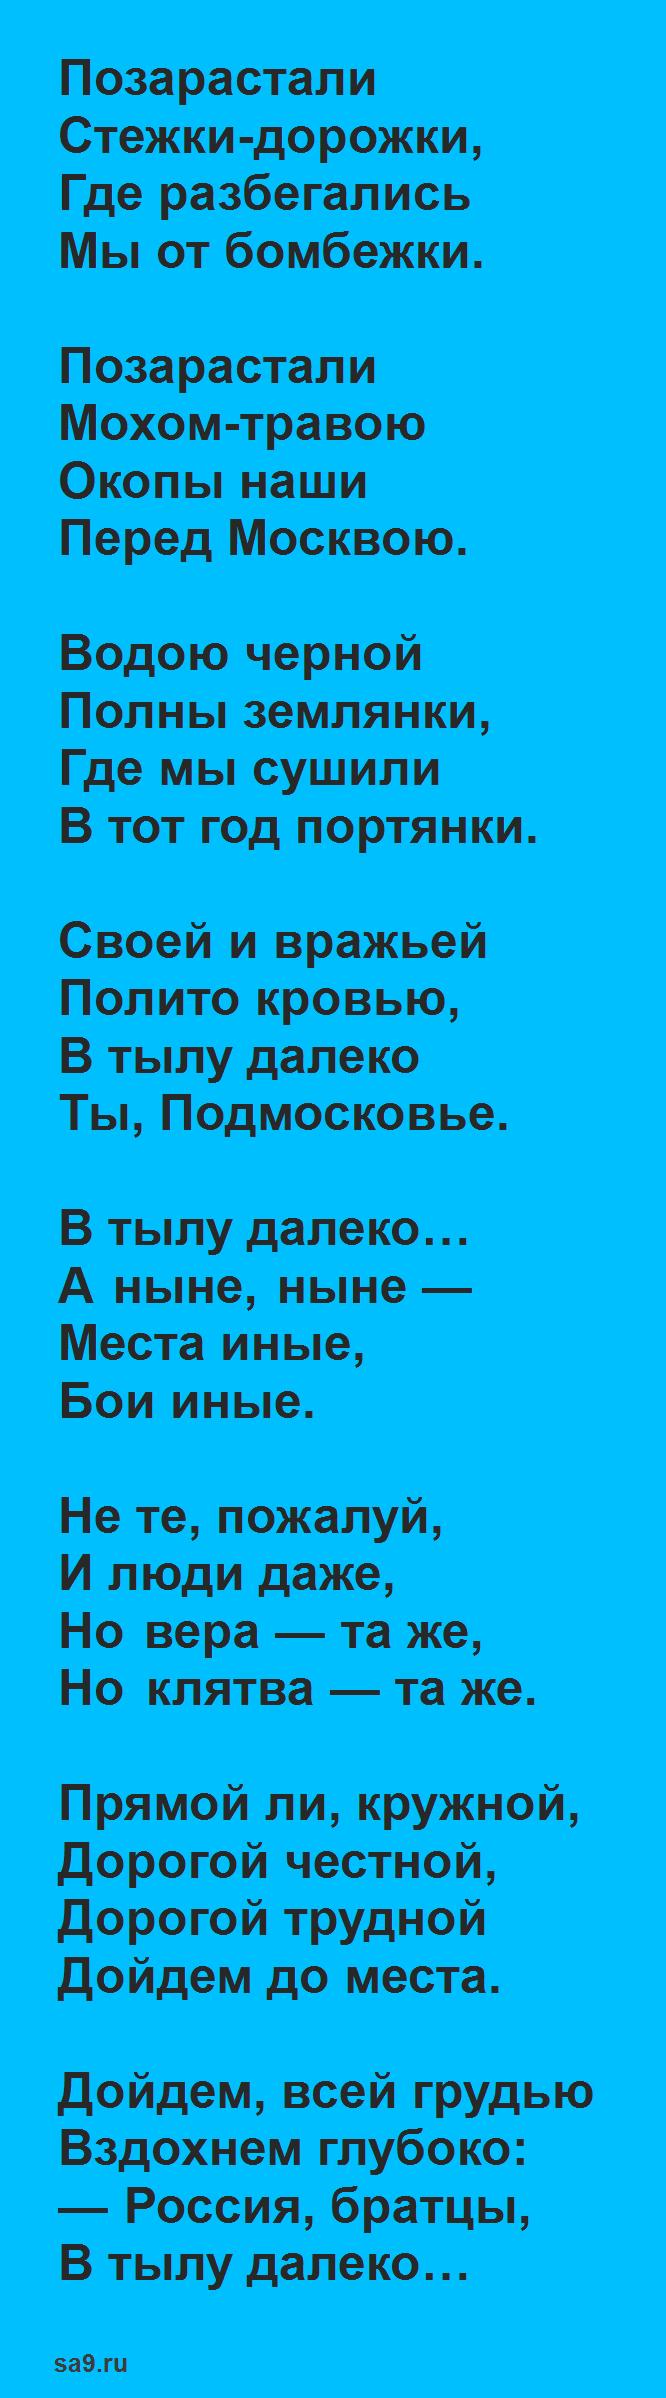 Твардовский стихи - Позарастали стежки-дорожки